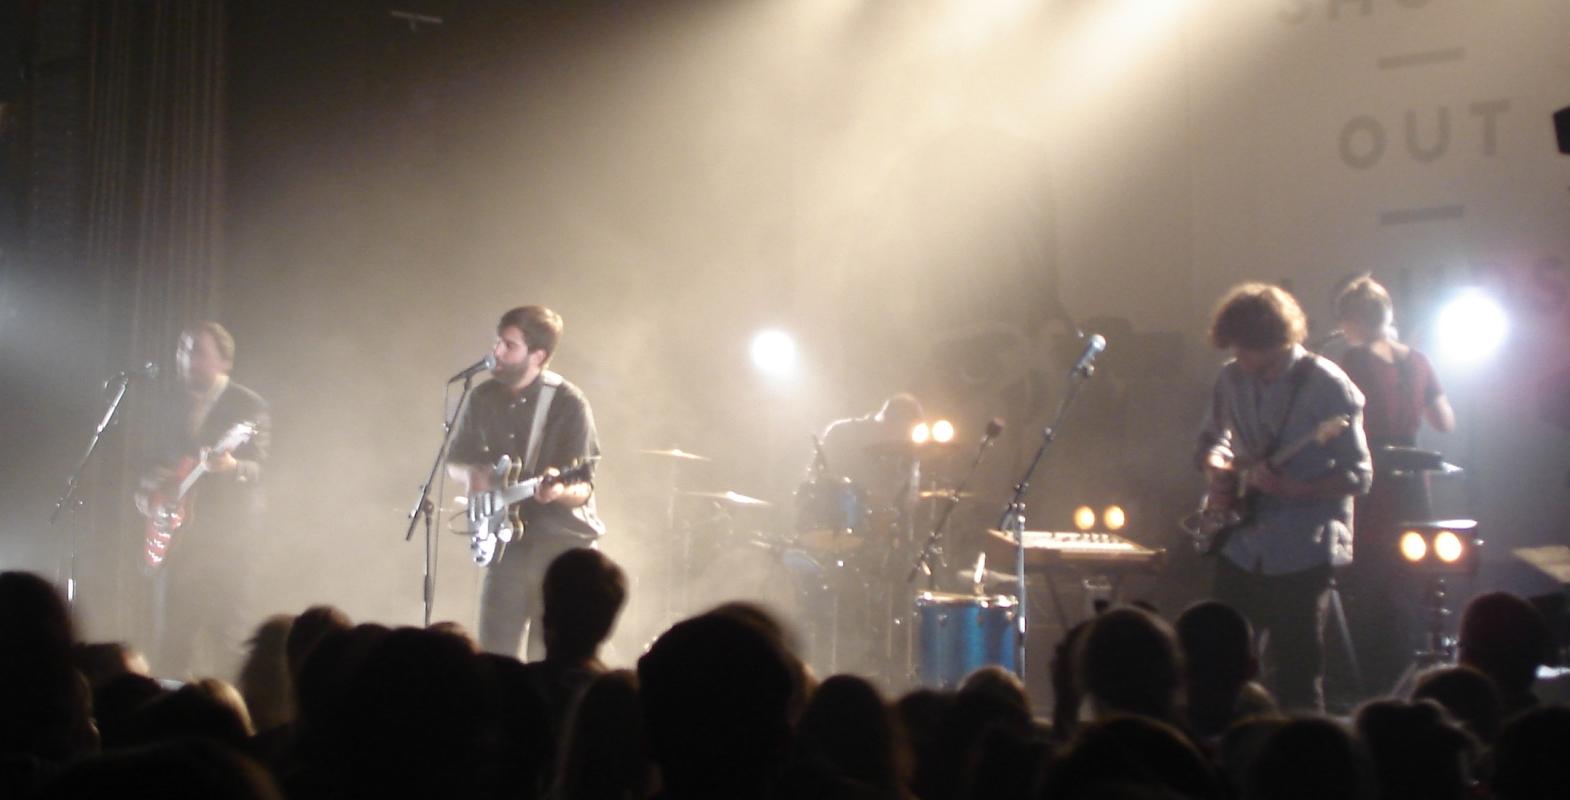 Die Shout Out Louds hatten sichtbar Spaß an ihrem Auftritt in Halle.